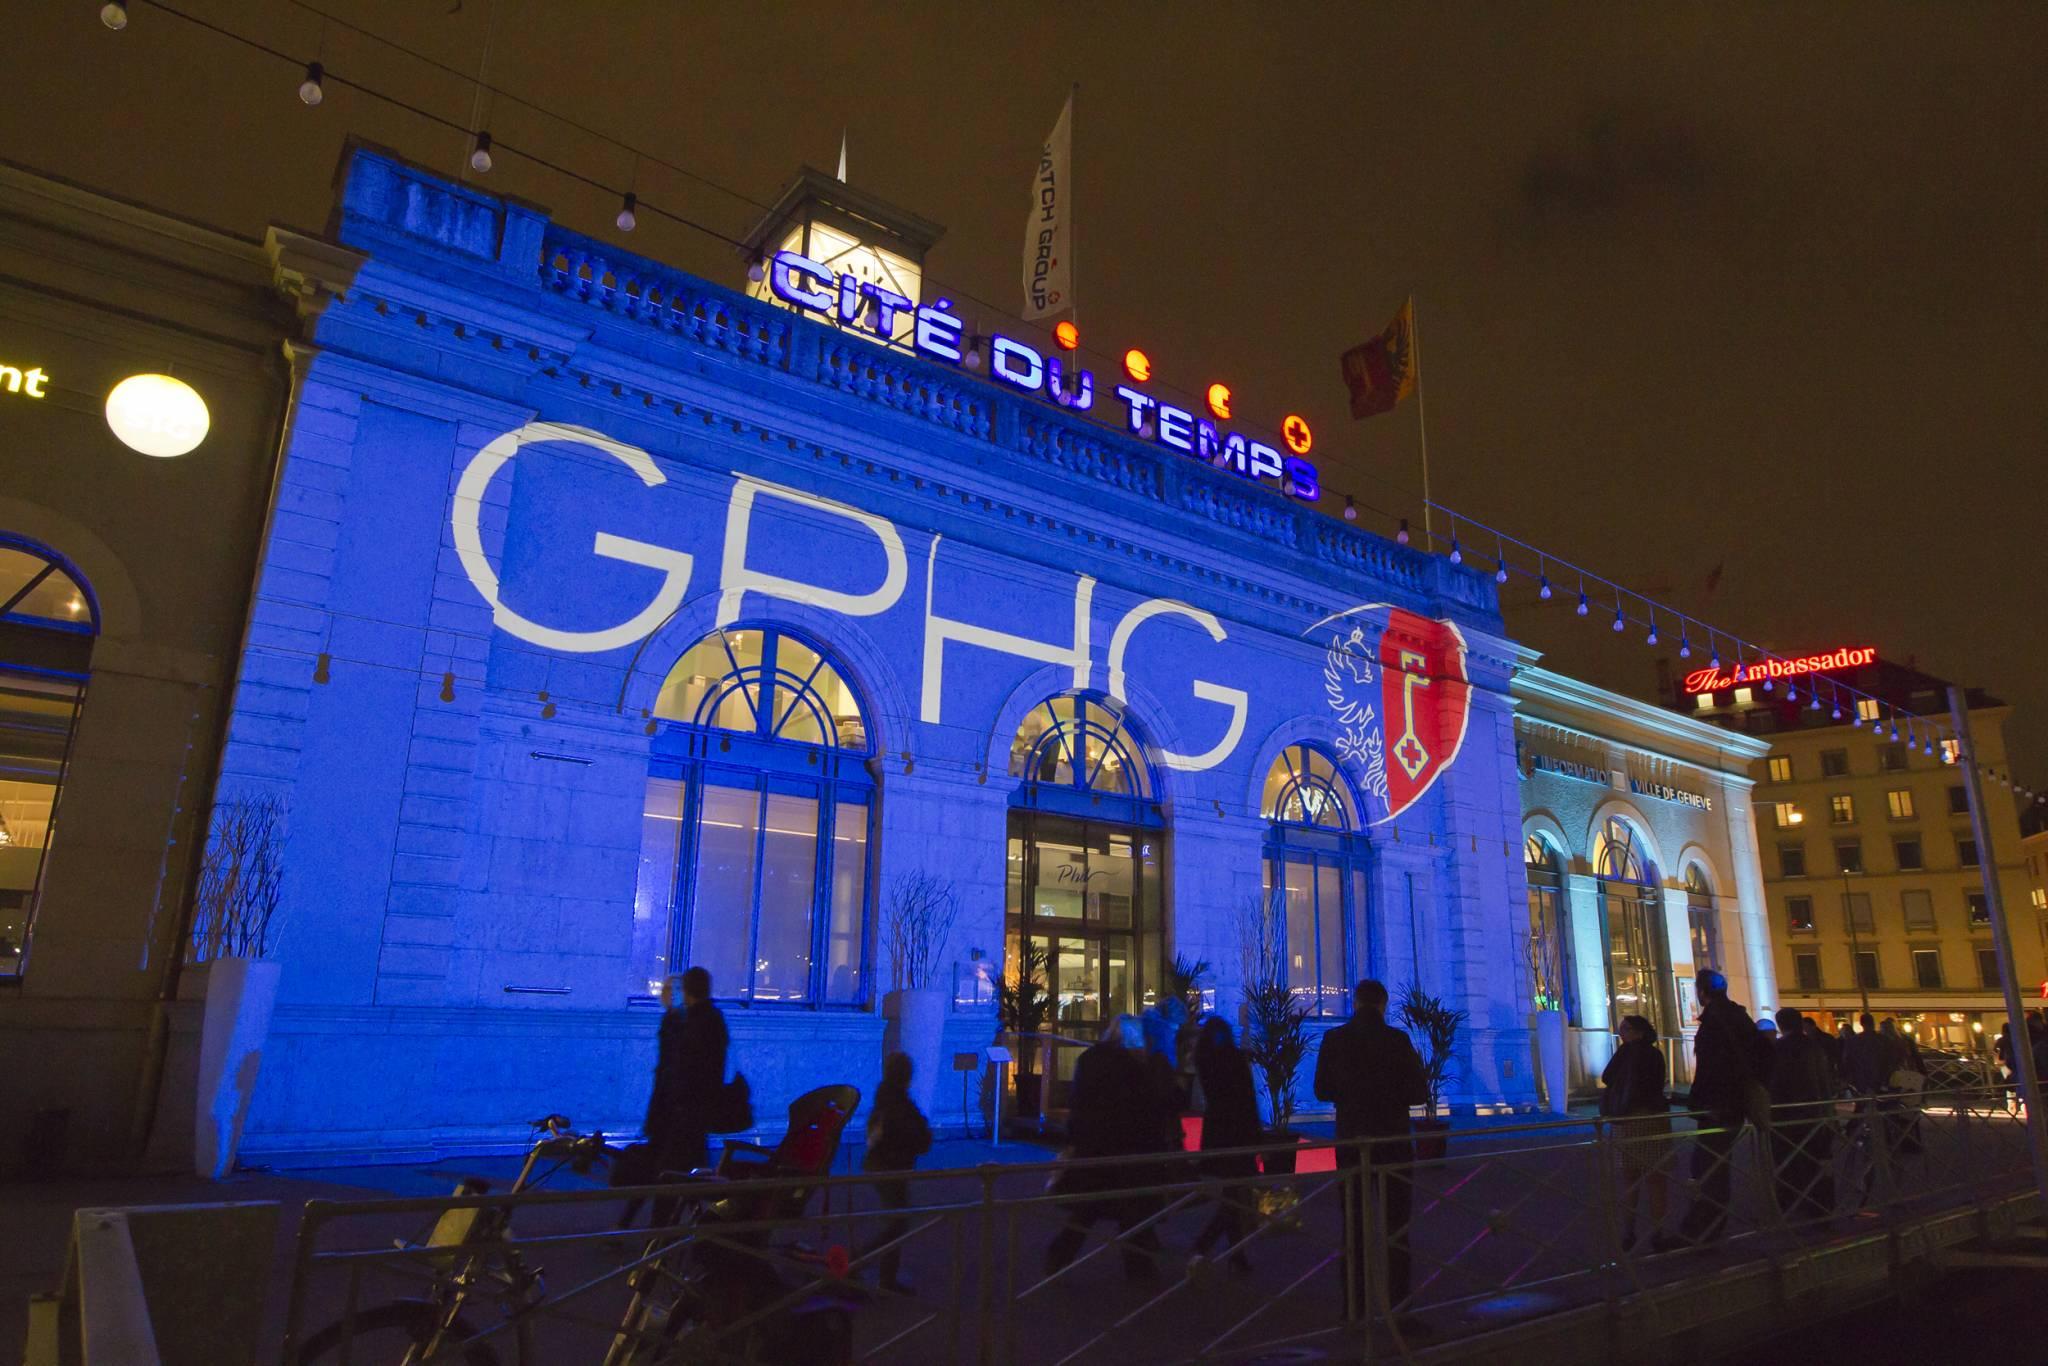 La Cité du Temps illuminée à l'occasion de l'exposition genevoise, 8 novembre 2011